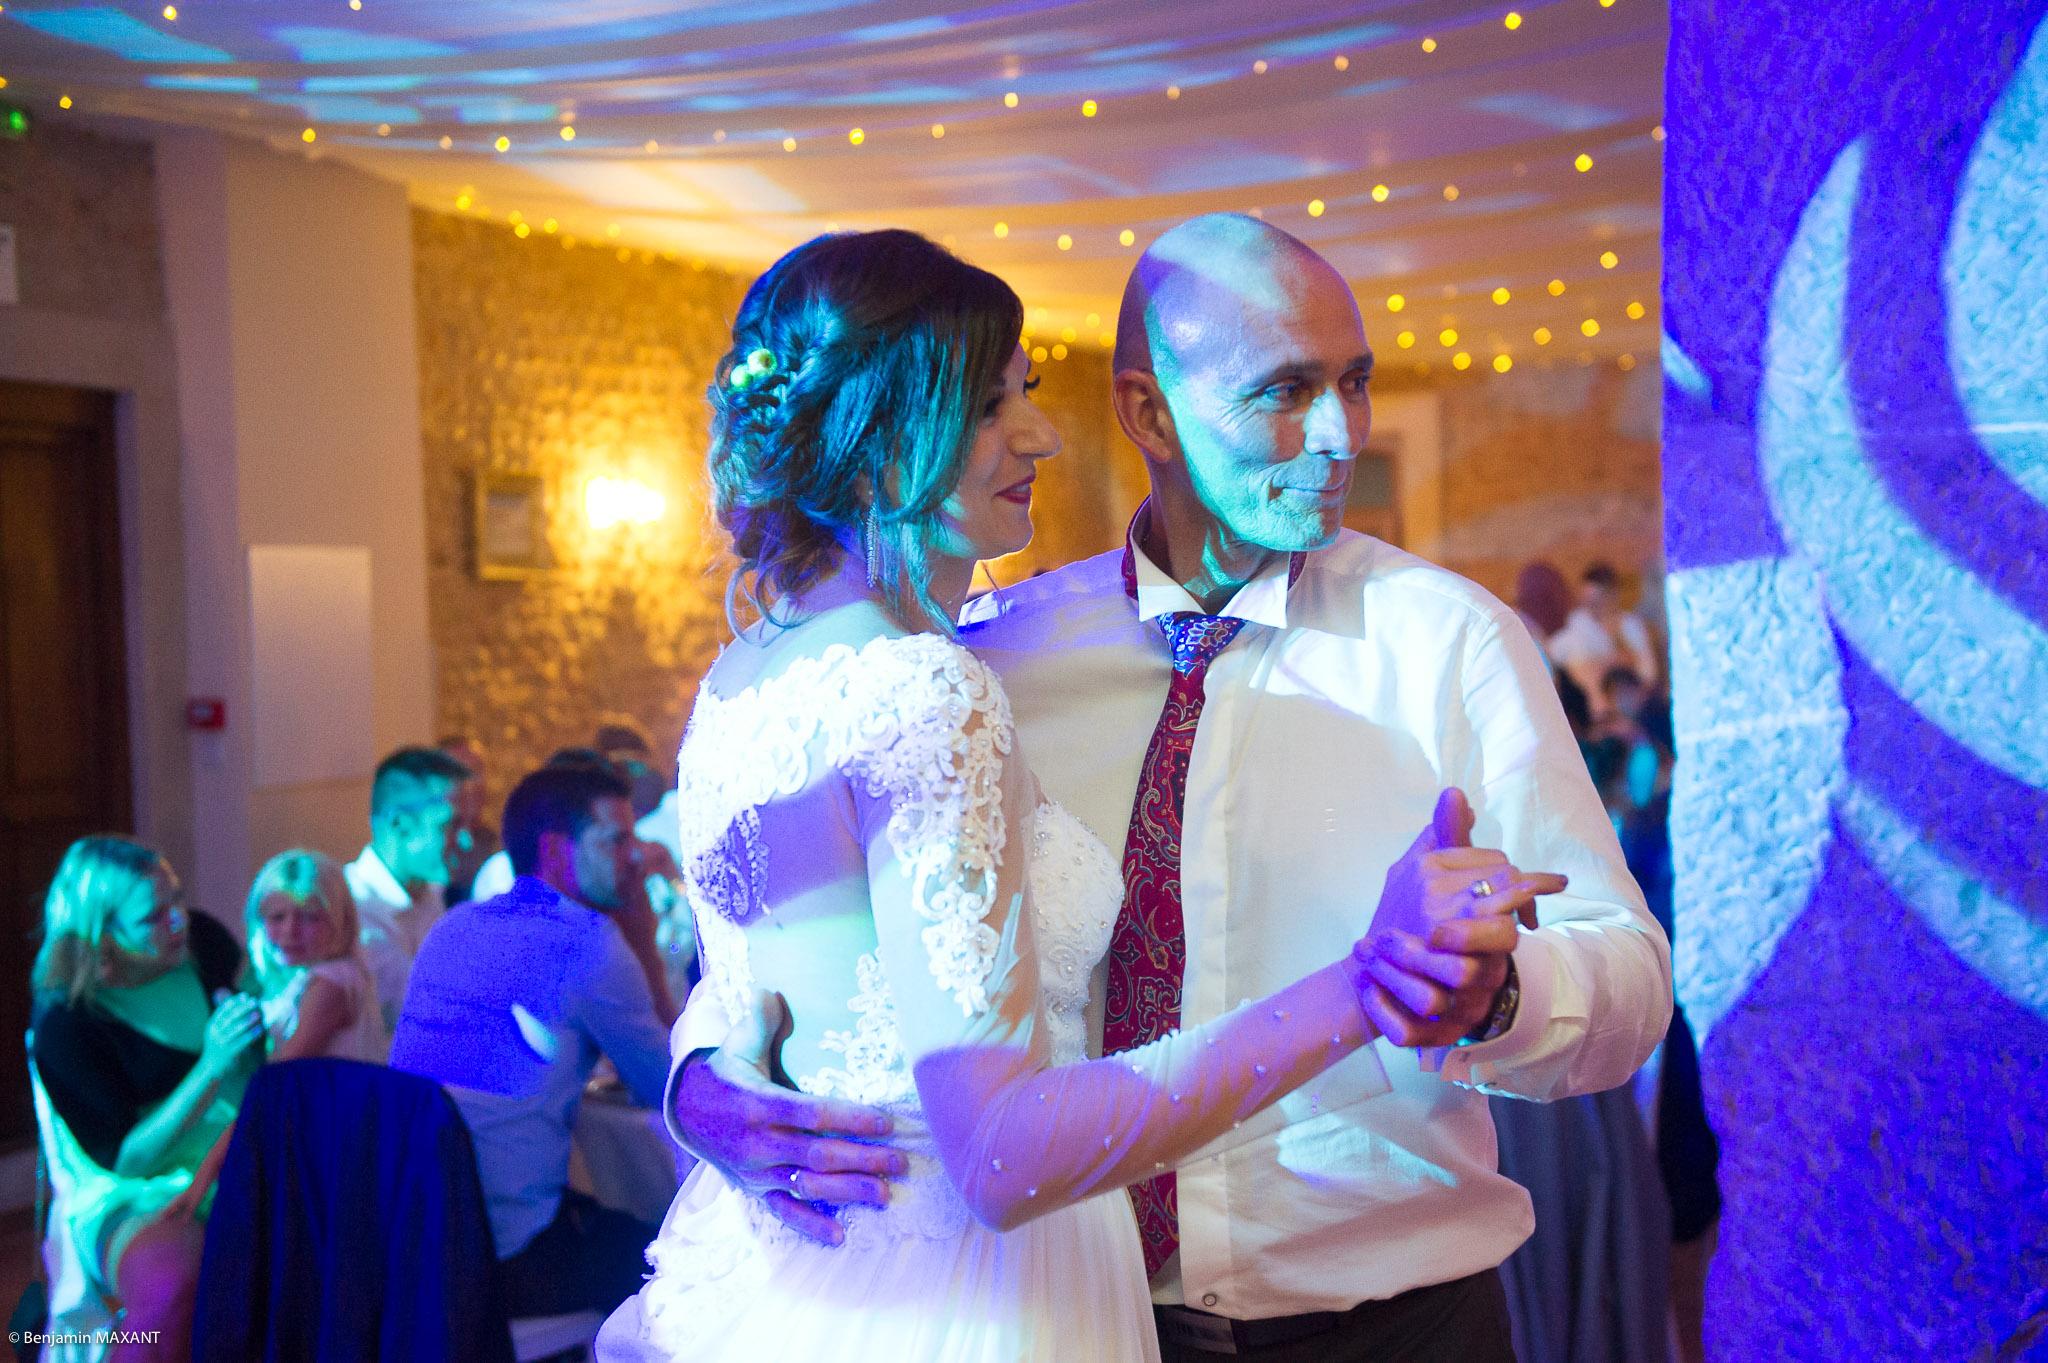 Ouverture de la soirée du mariage avec les animations et danses